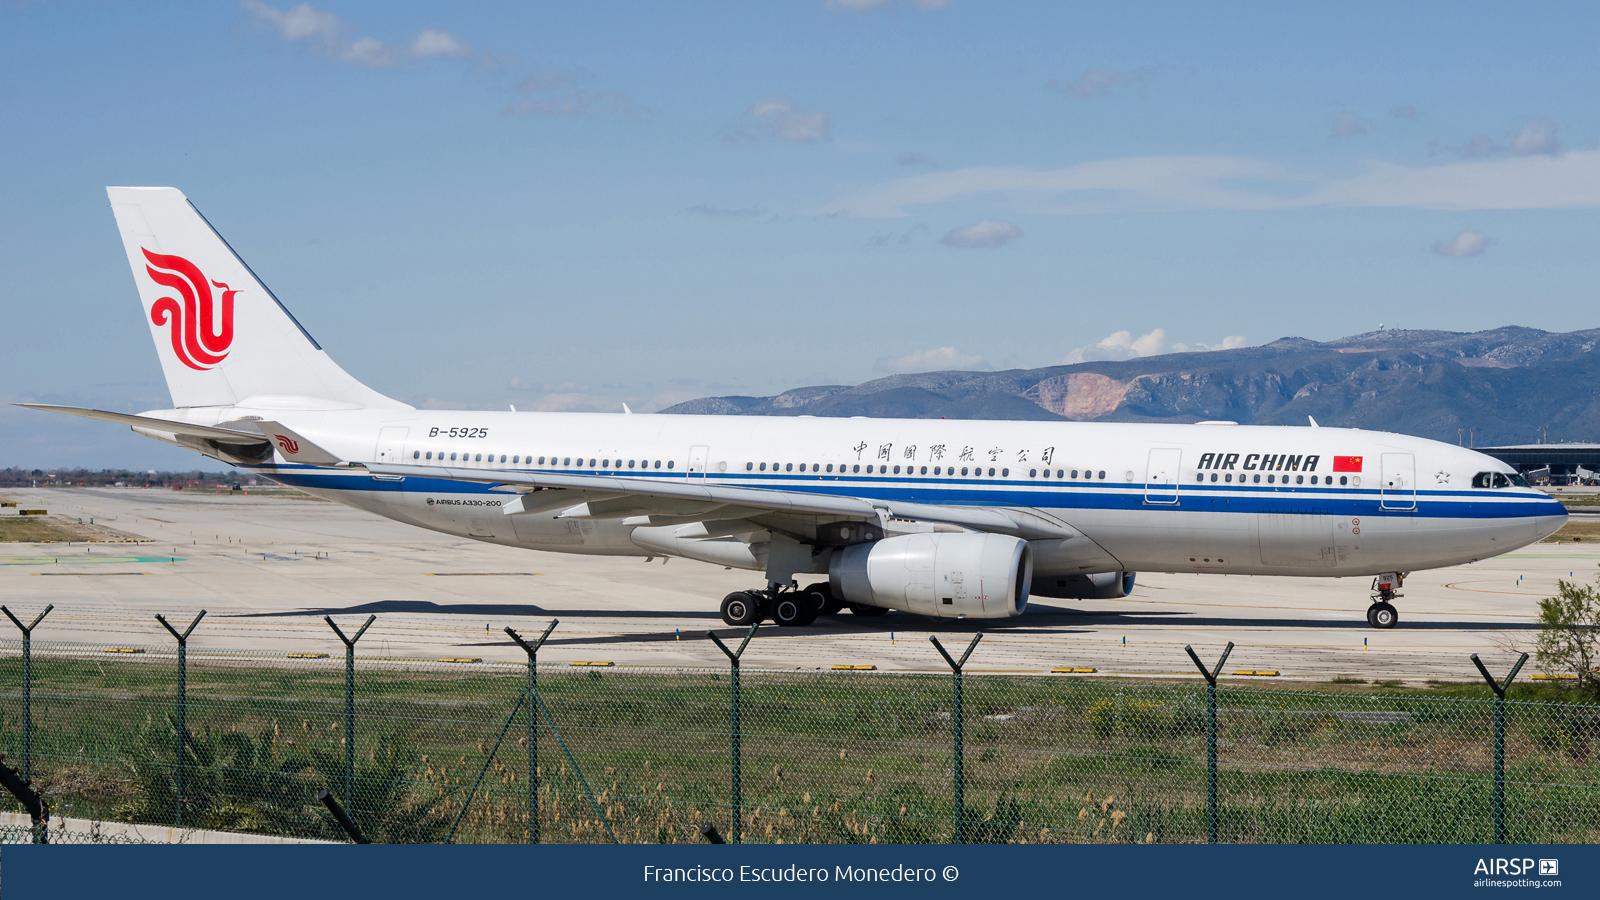 Air China  Airbus A330-200  B-5925